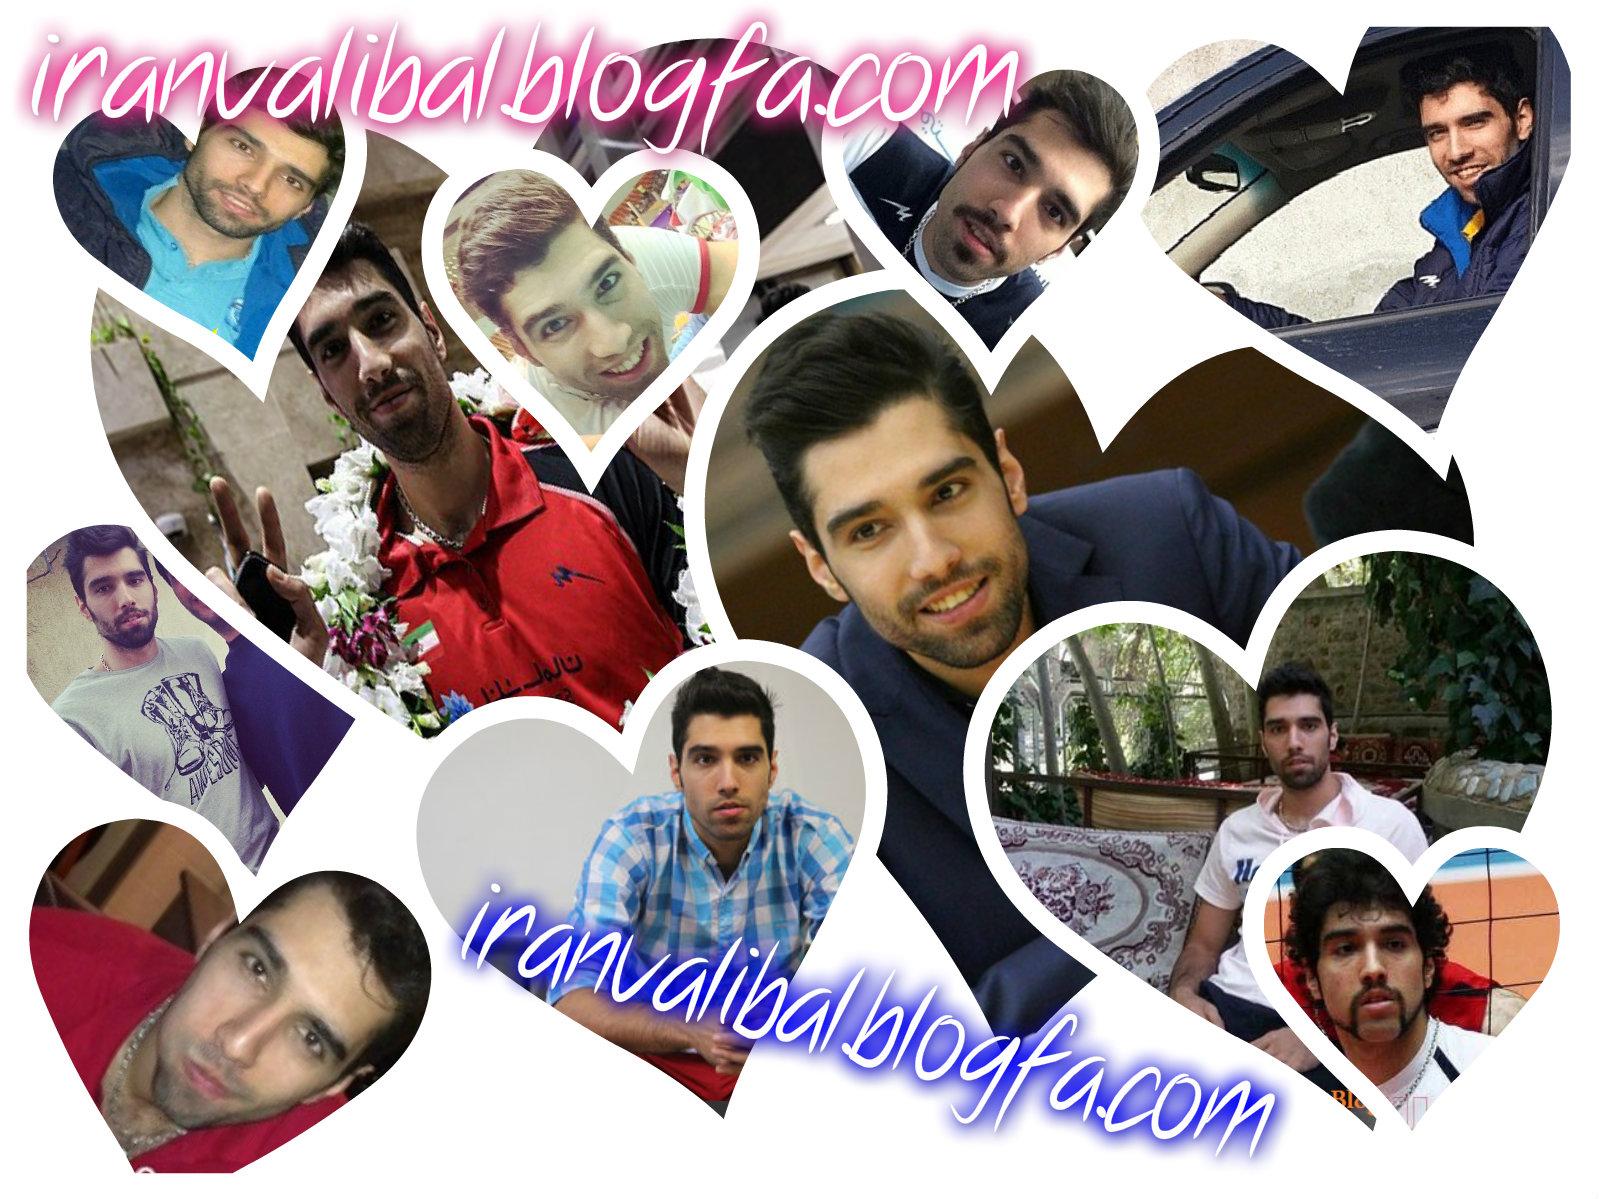 http://s5.picofile.com/file/8136243984/pizap_com14085591258602.jpg